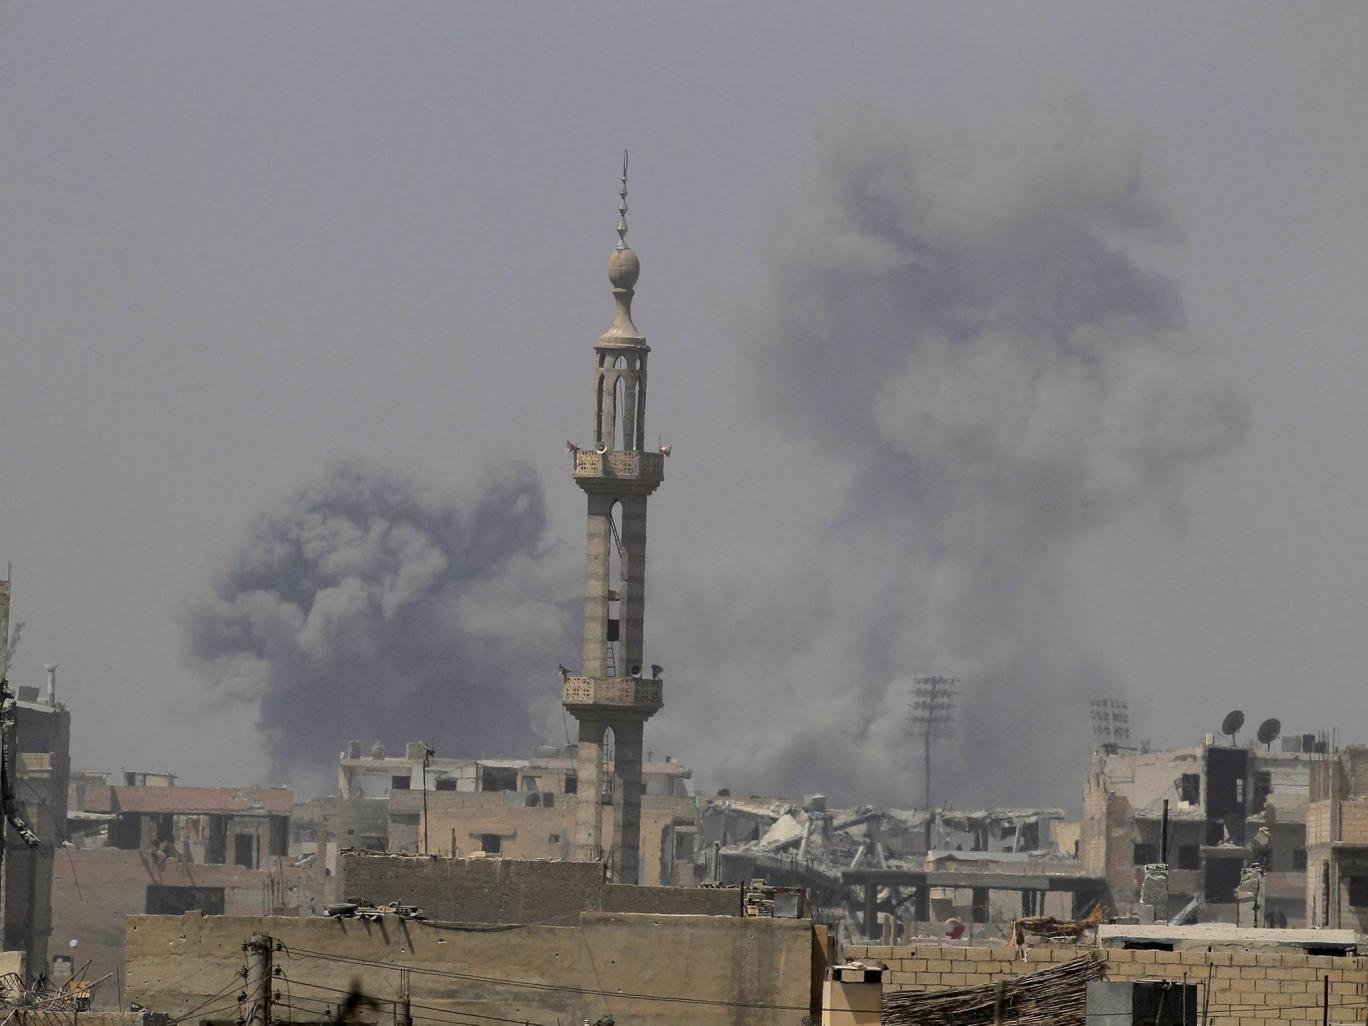 ABD'nin Suriye'de düzenlediği hava saldırısında katliam yaşandı